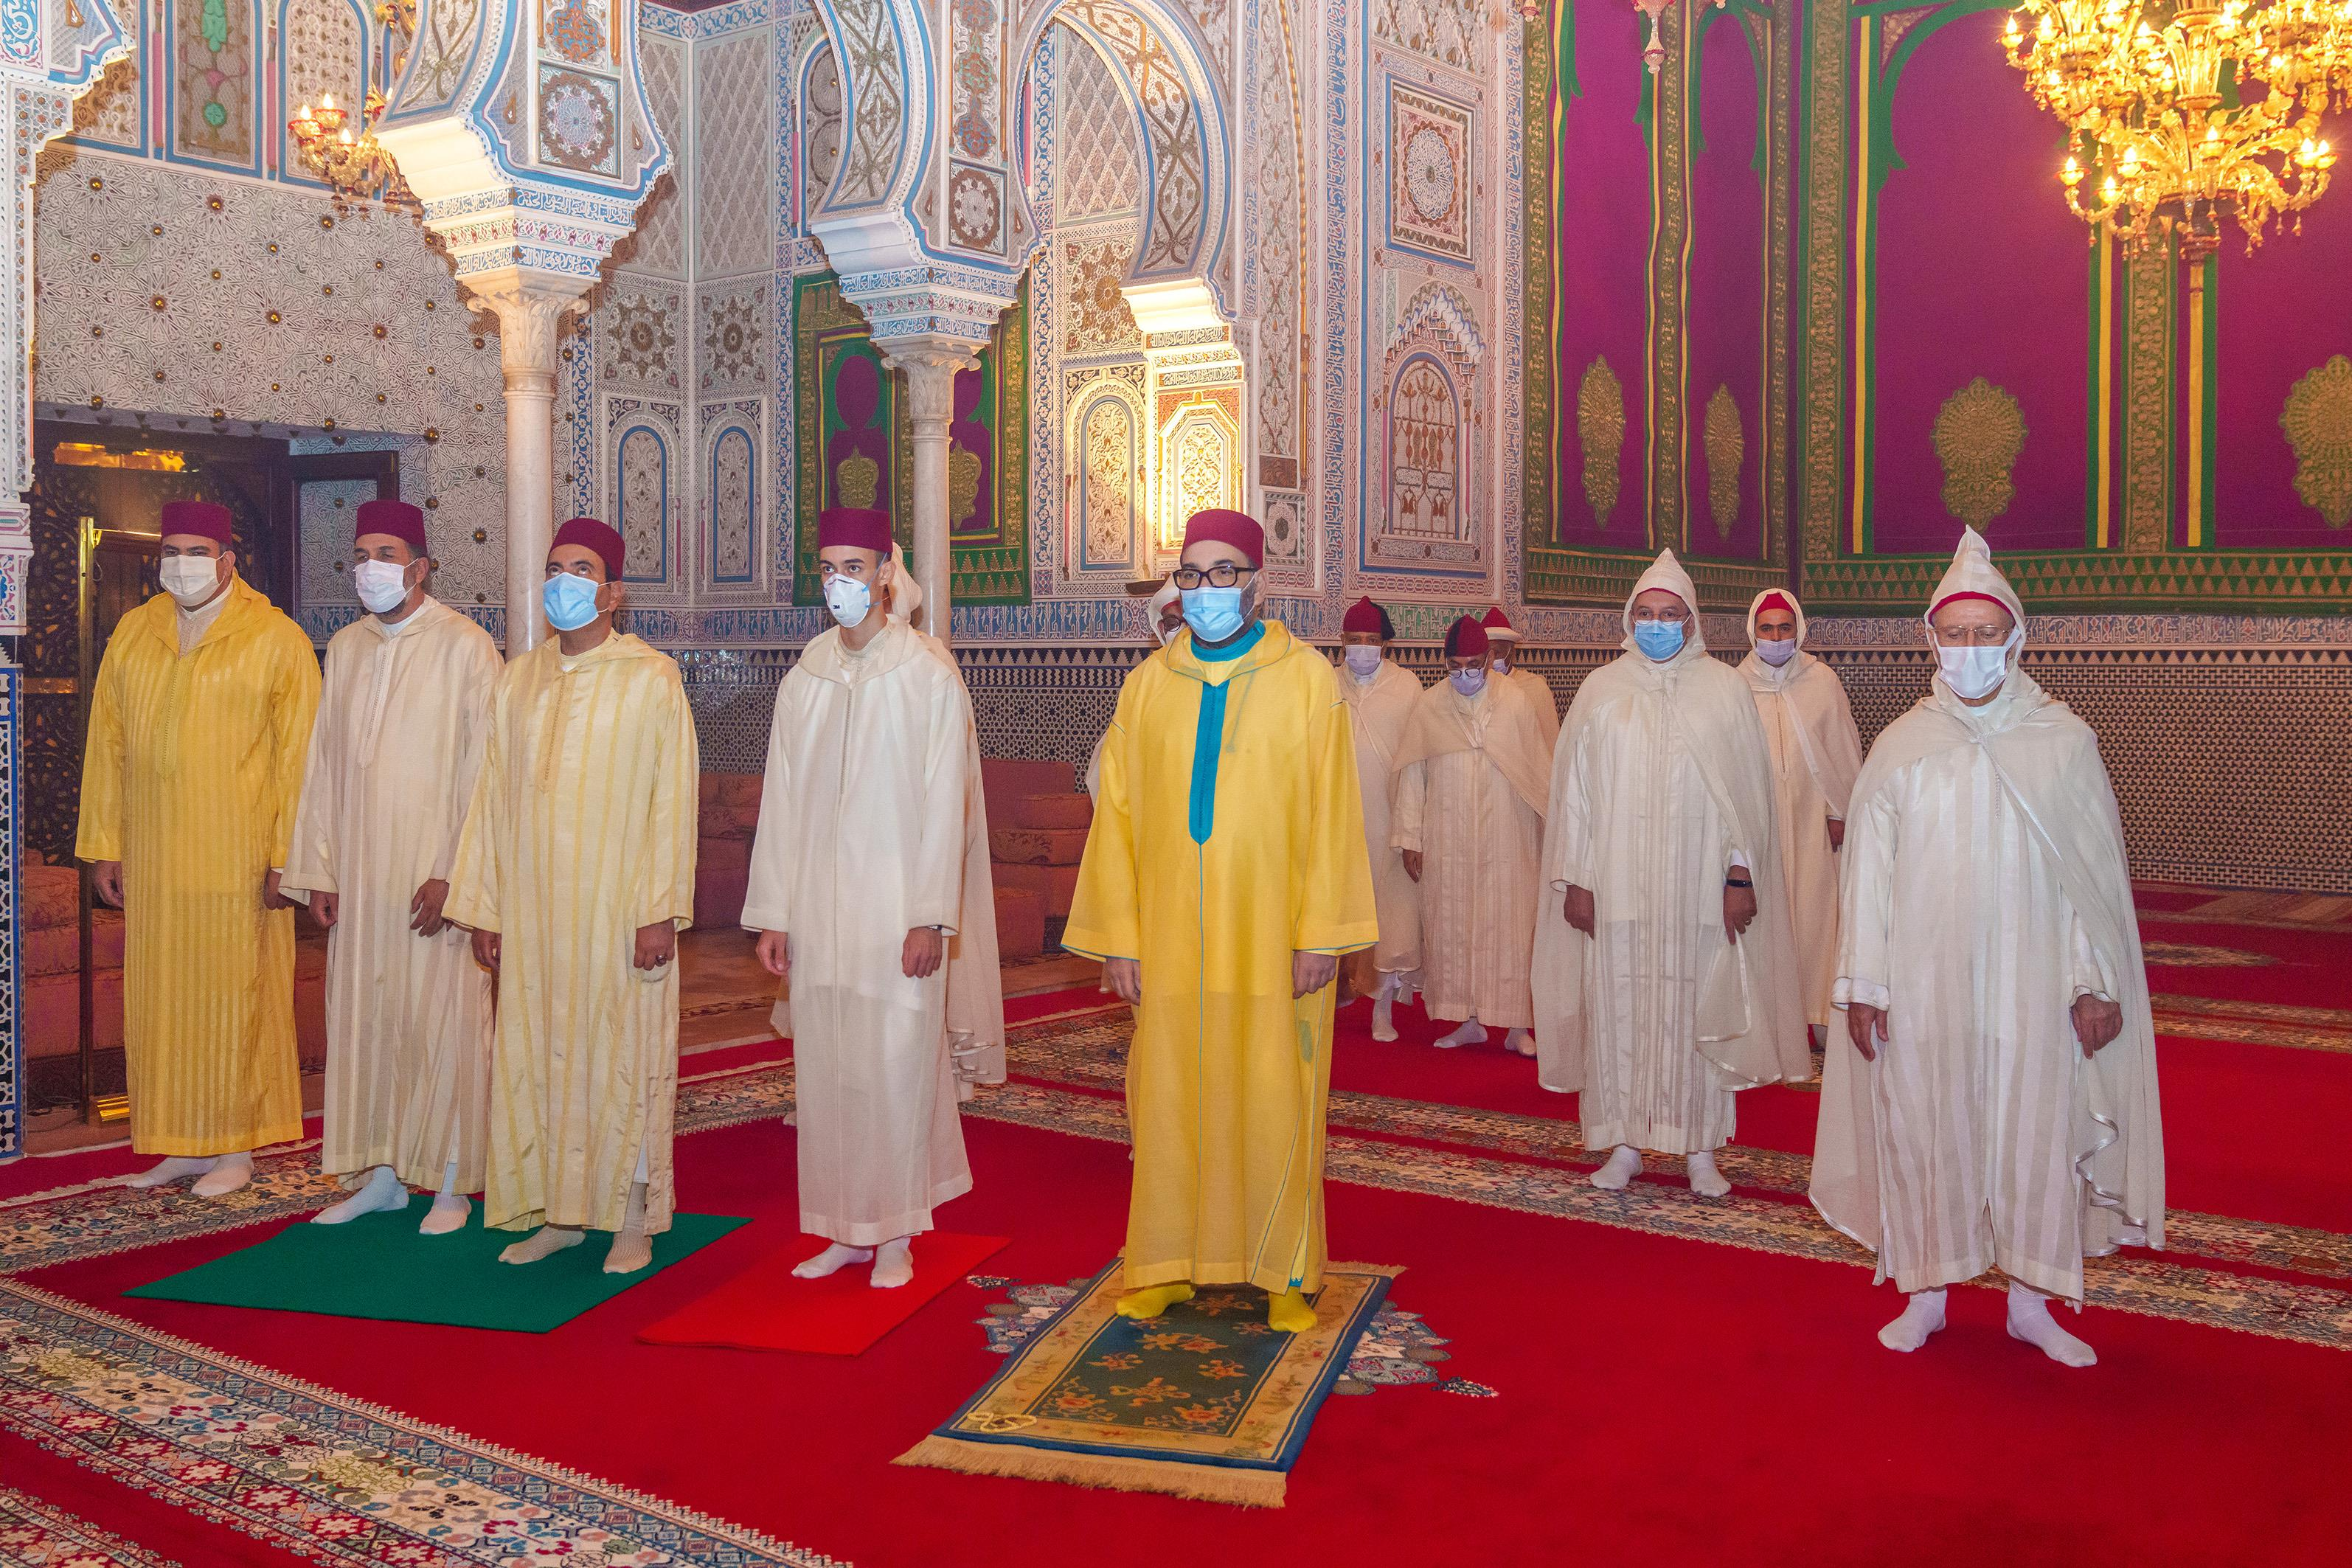 Le Roi Mohammed VI, Amir Al-Mouminine, commémore Laylat Al-Qadr bénie